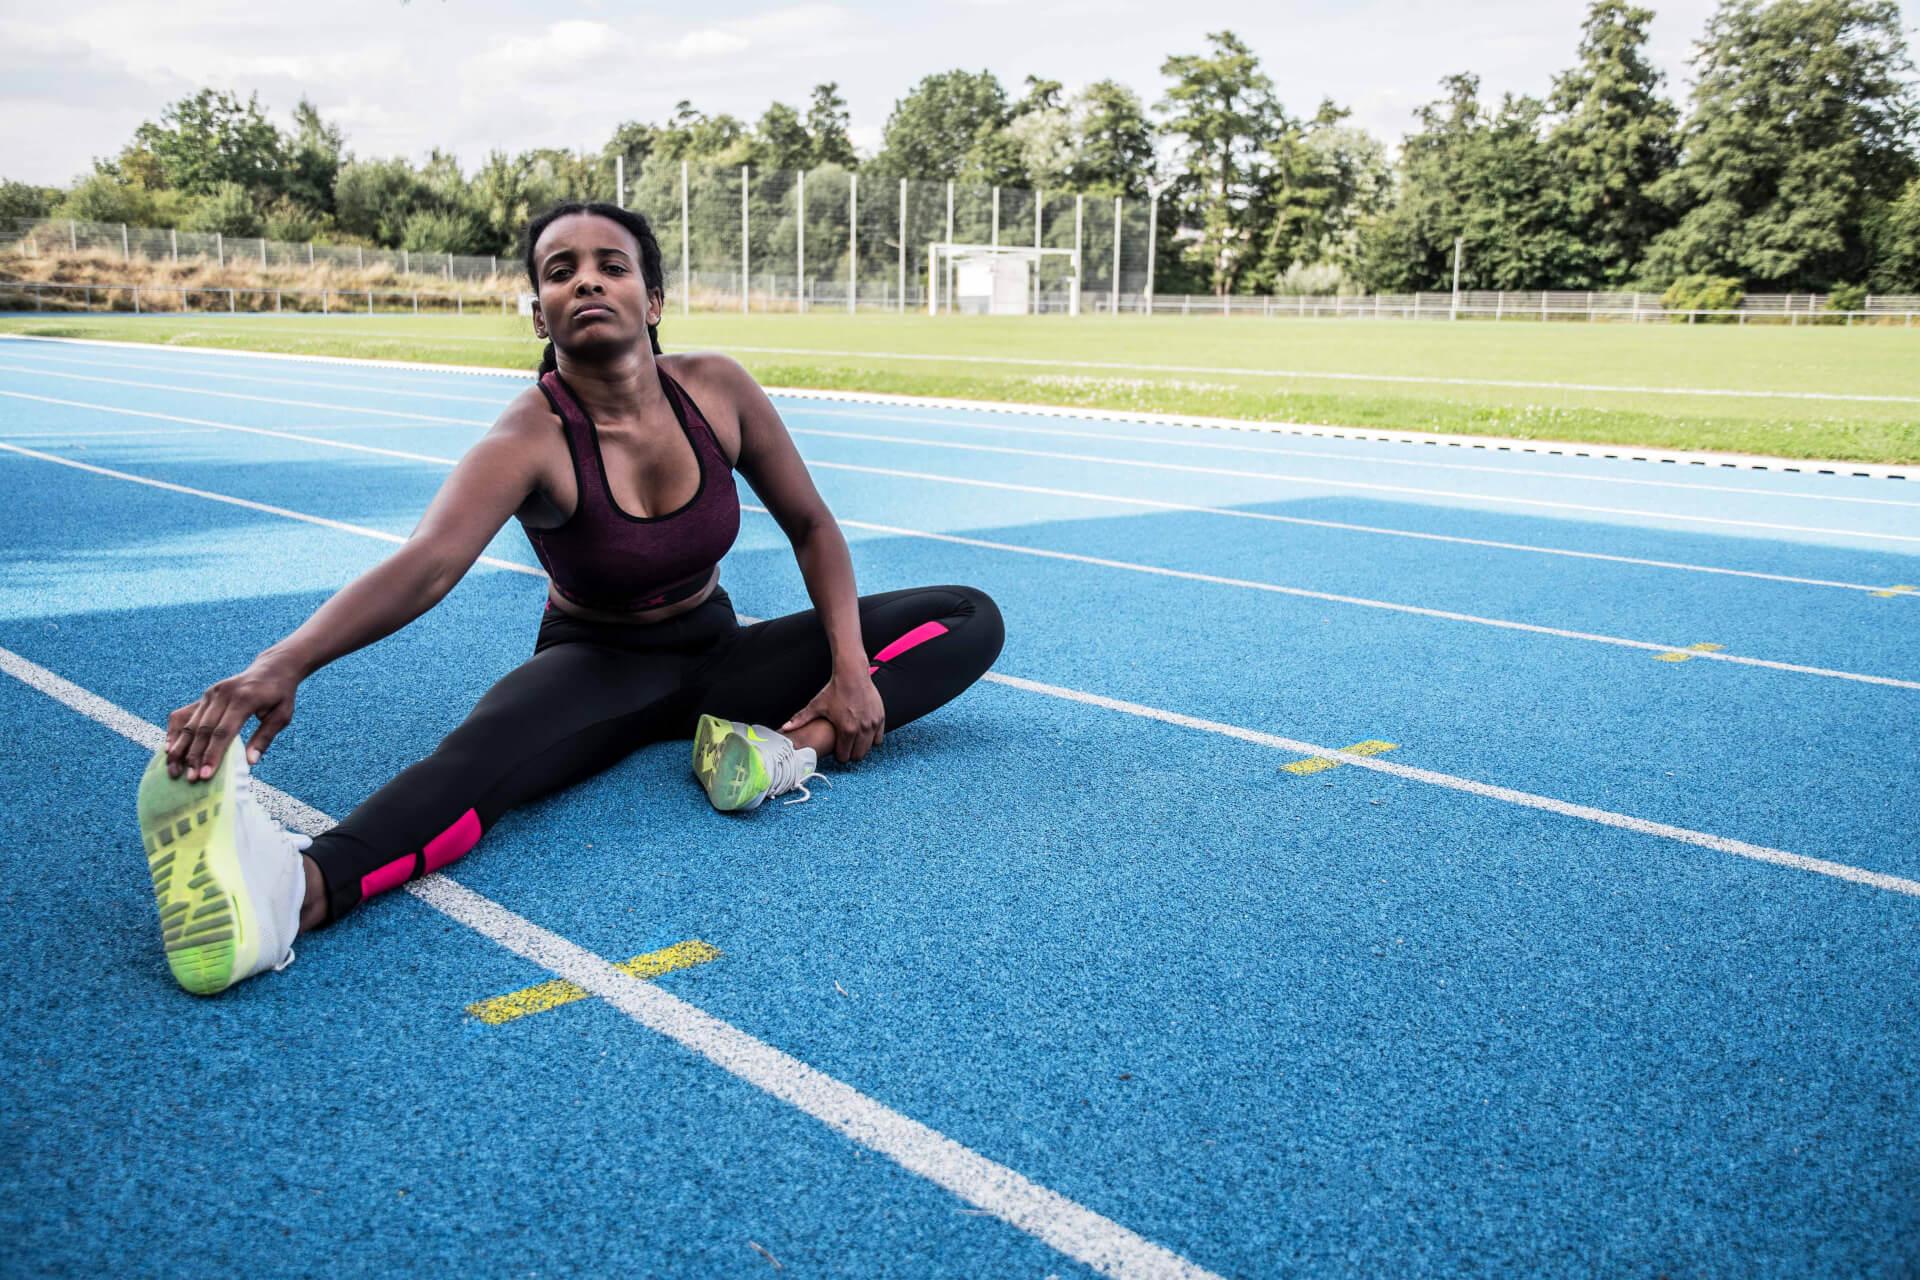 FEFLOGX Sportswear Damen Outfit Motion, Sprint und Lauf Training.